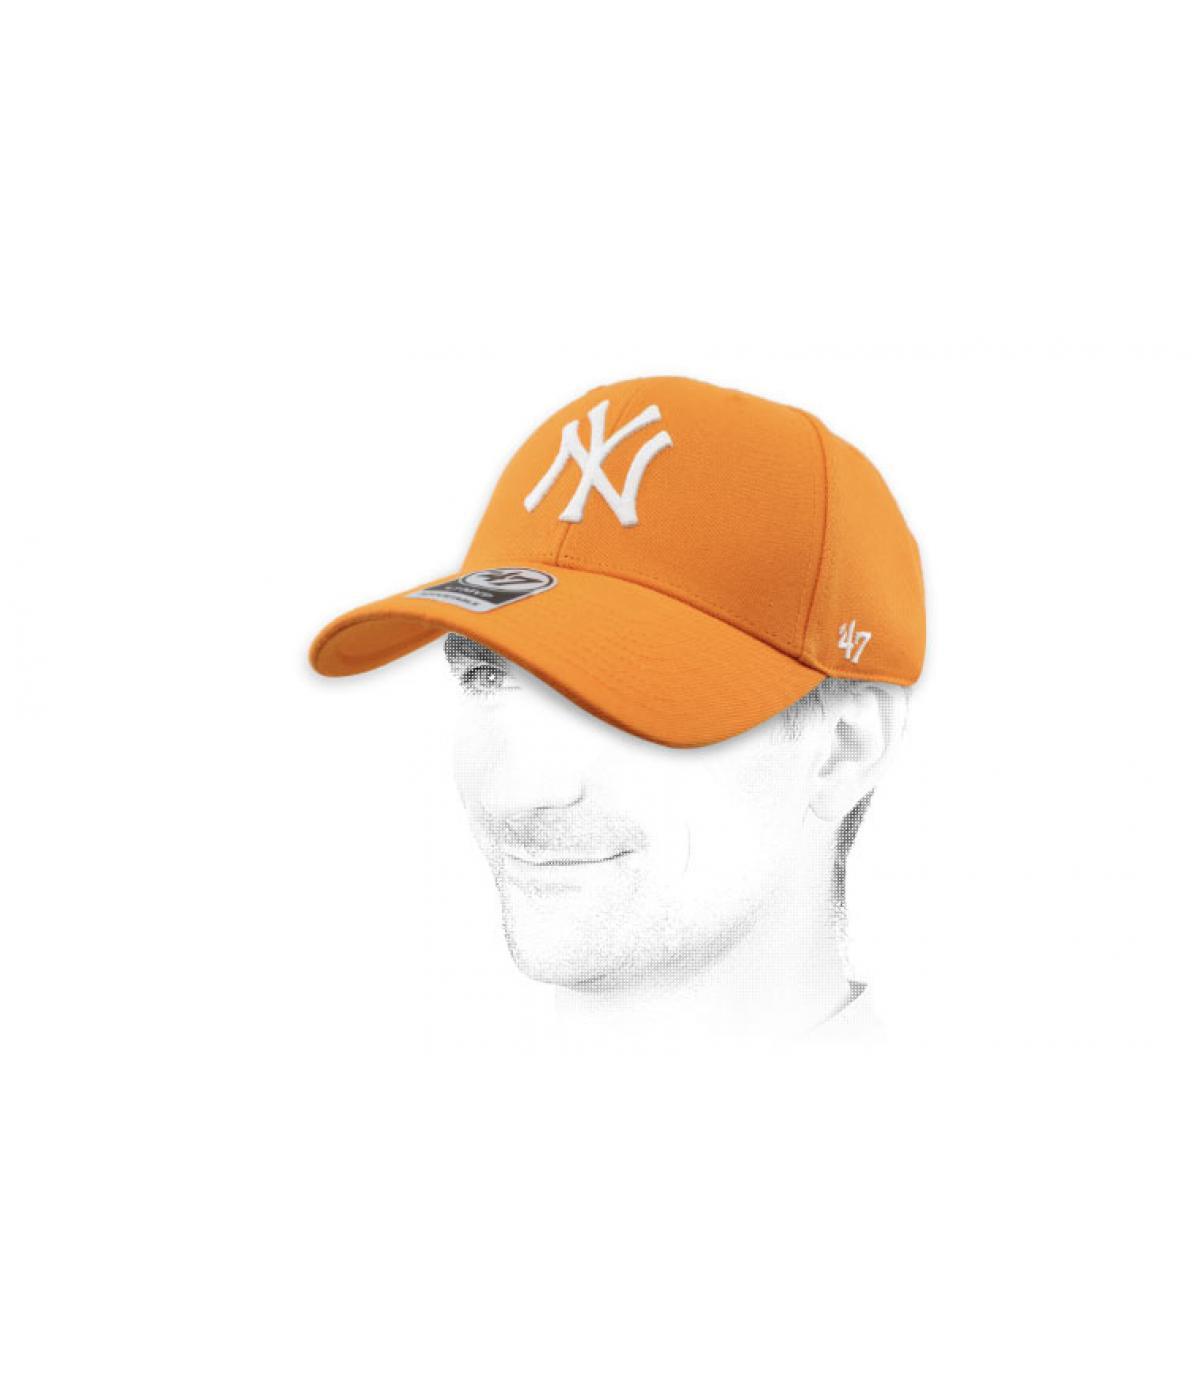 Cap NY orange47